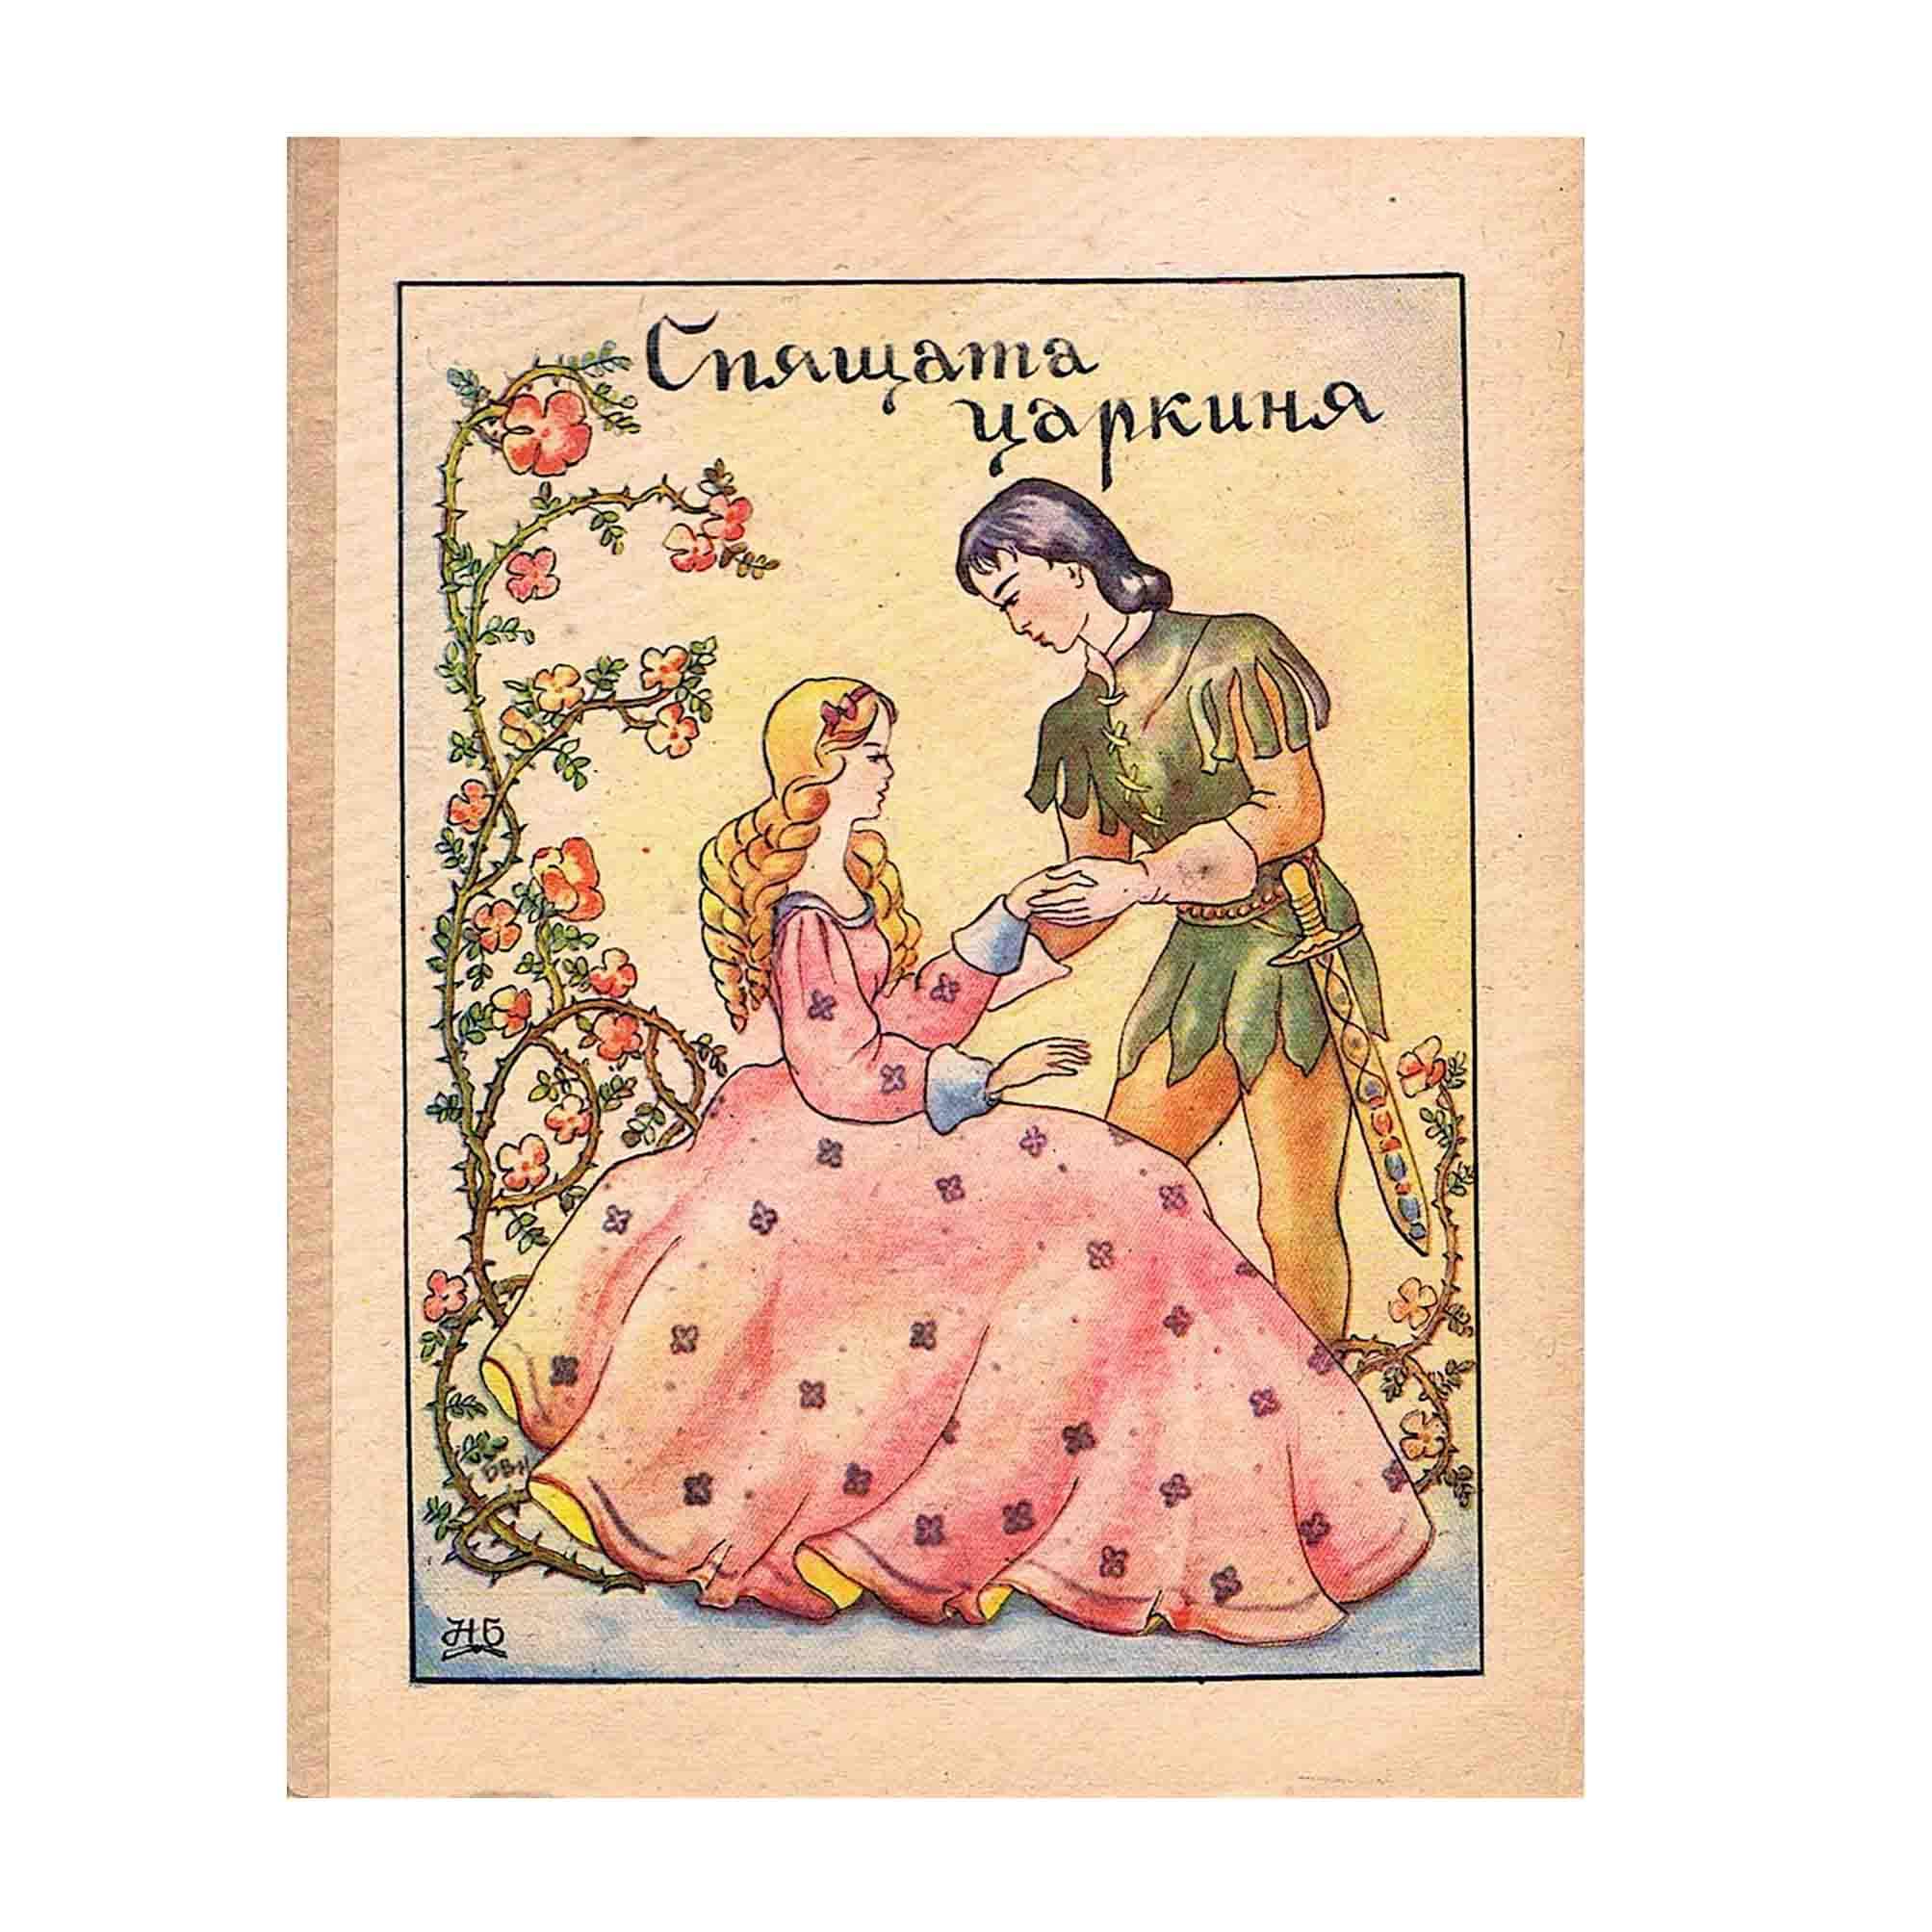 1273-Grimm-Vasova-Nikolova-Spyashtata-printsesa-1946-Umschlag-recto-N-1.jpg